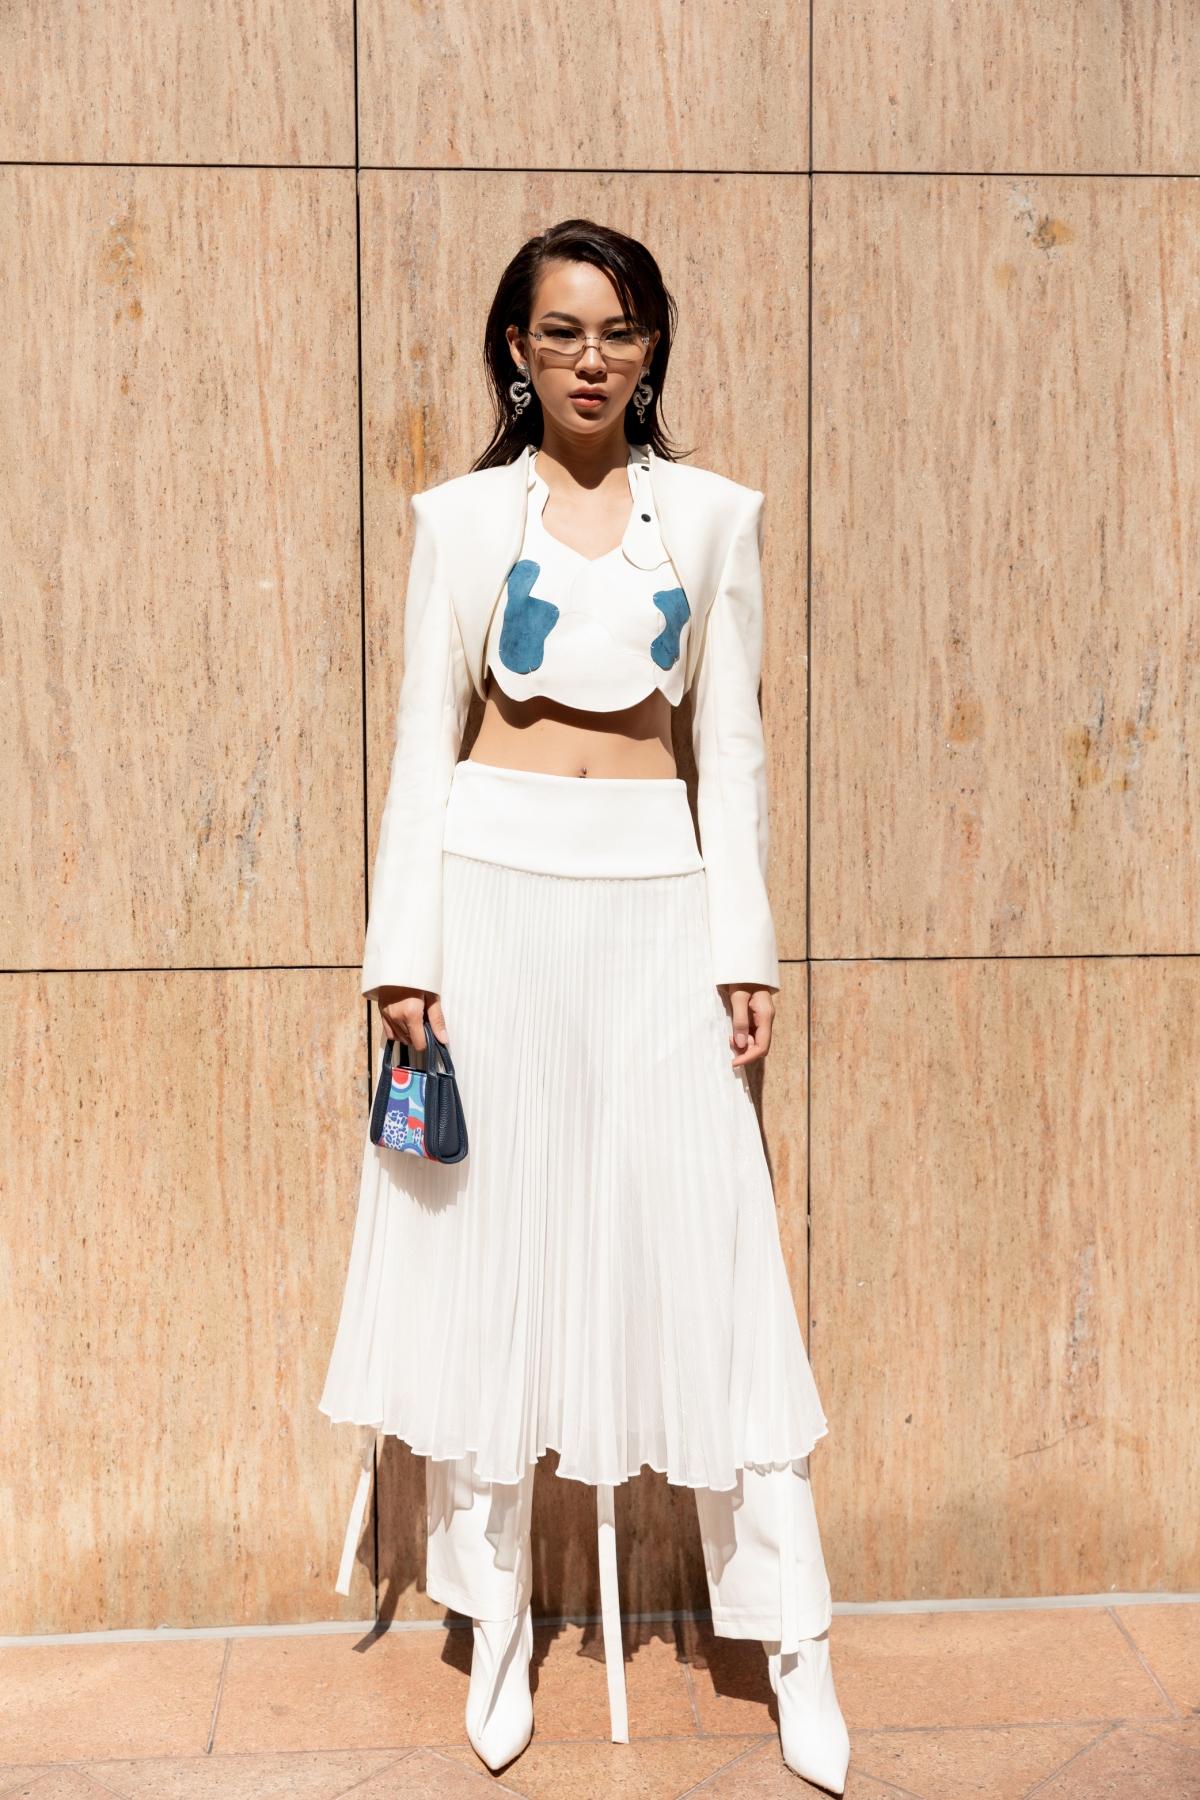 Lựa chọn thiết kế croptop tông trắng cùng form váy xếp ly, cô nàng tự tin pose dáng chuyên nghiệp với thần thái đỉnh cao.